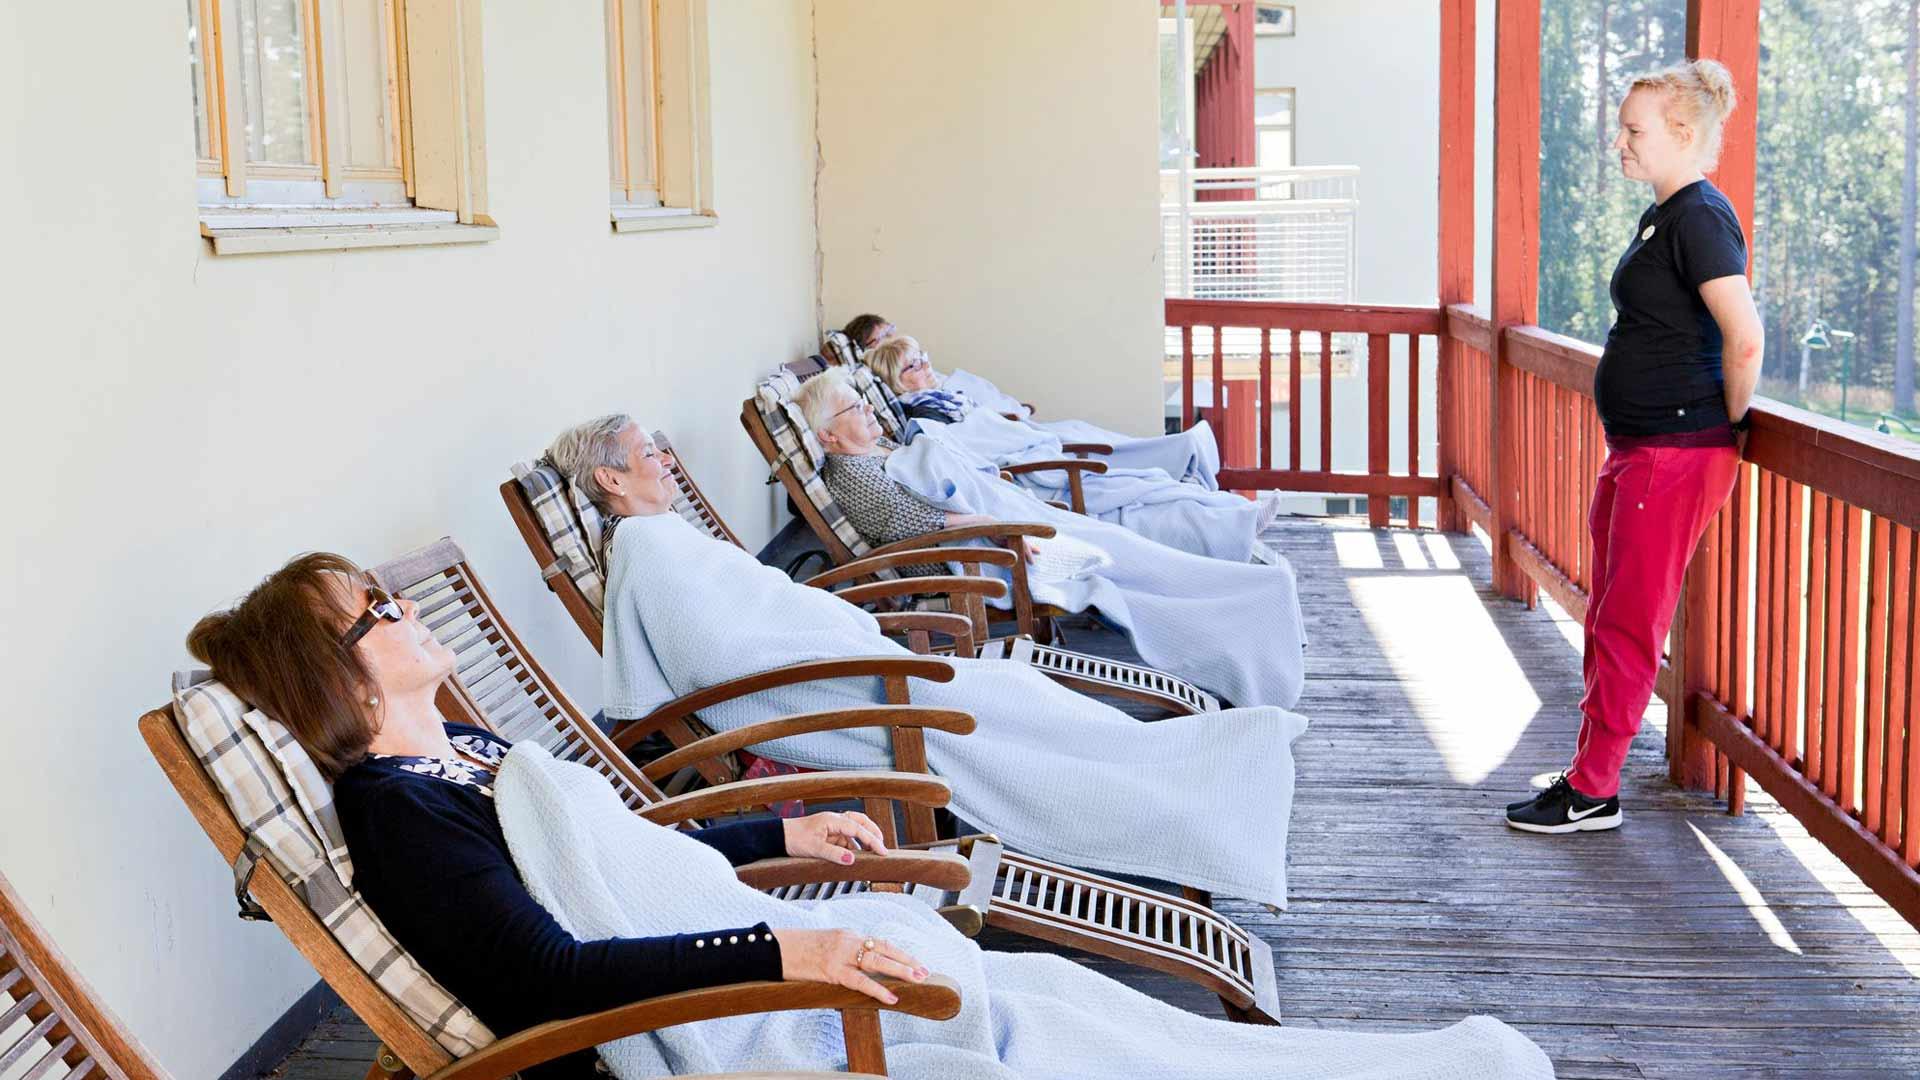 Lepohetki ulkona kuuluu yhä Kruunupuiston ohjelmaan norppahoidon nimellä. Kuntoutujat rentoutuvat fysioterapeutti, liikunnanohjaaja Anniina Puurtisen huomassa.